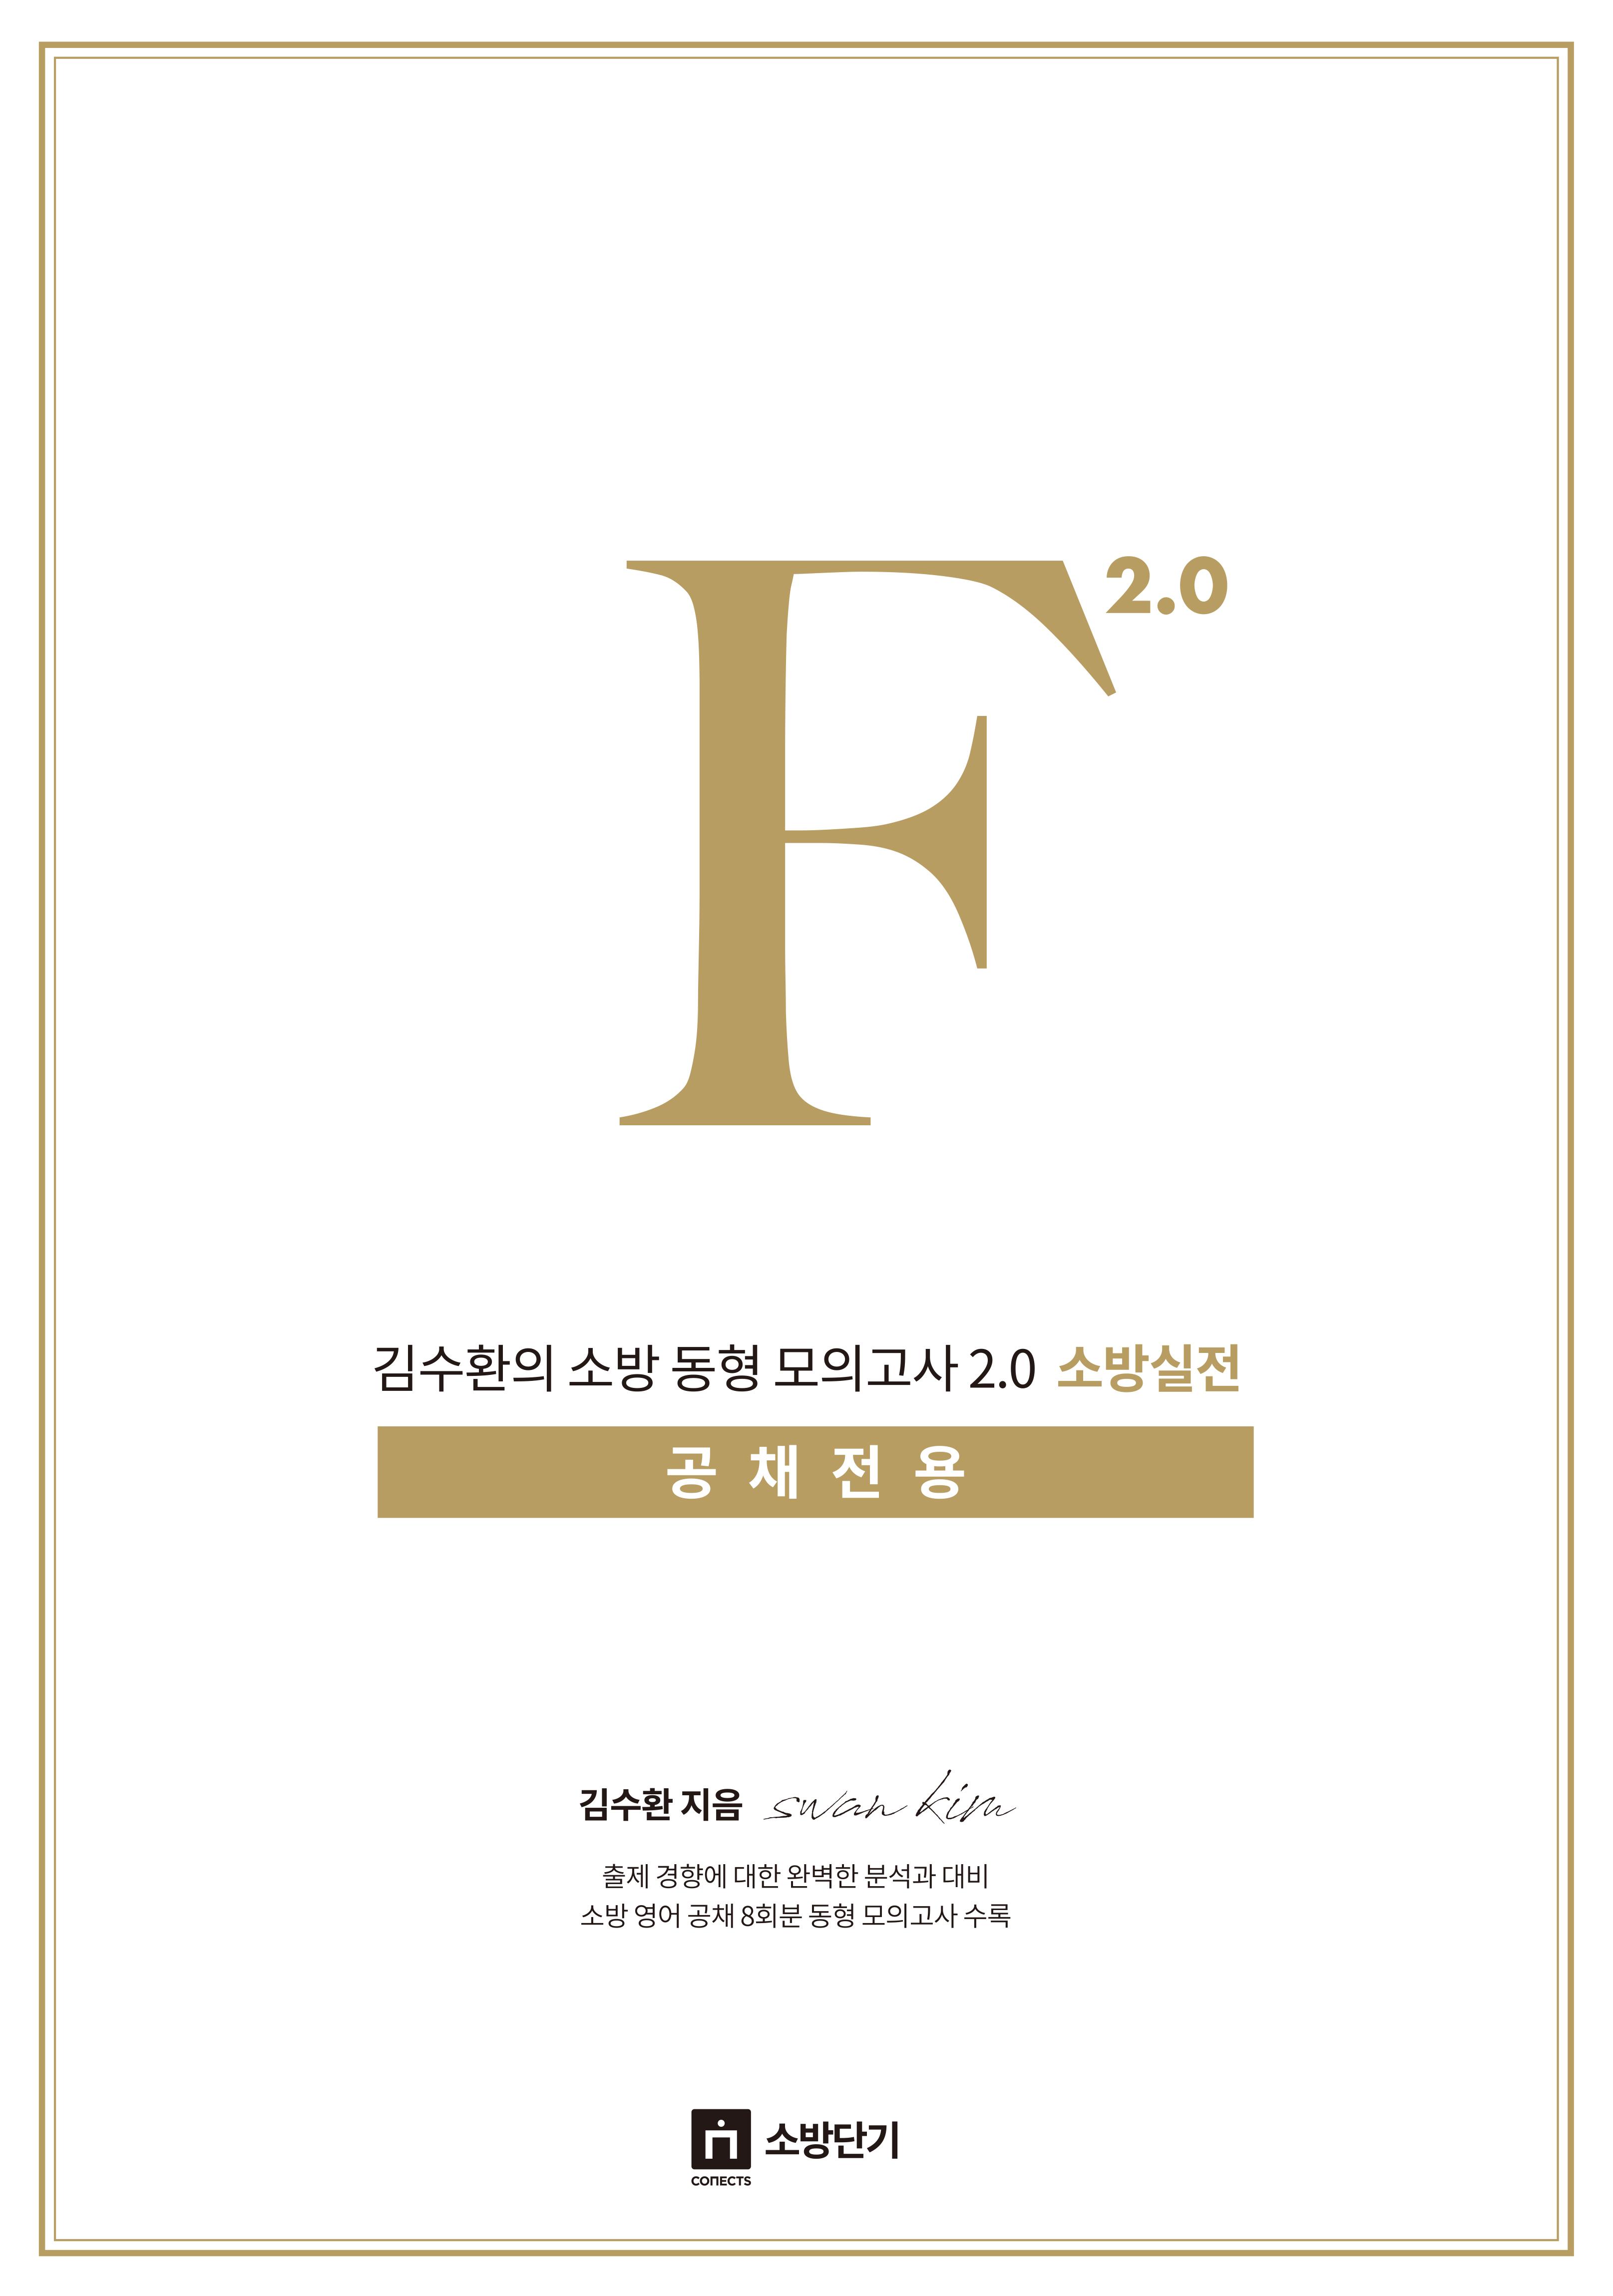 김수환의 소방 동형모의고사 F 2.0 소방실전 [공채전용]